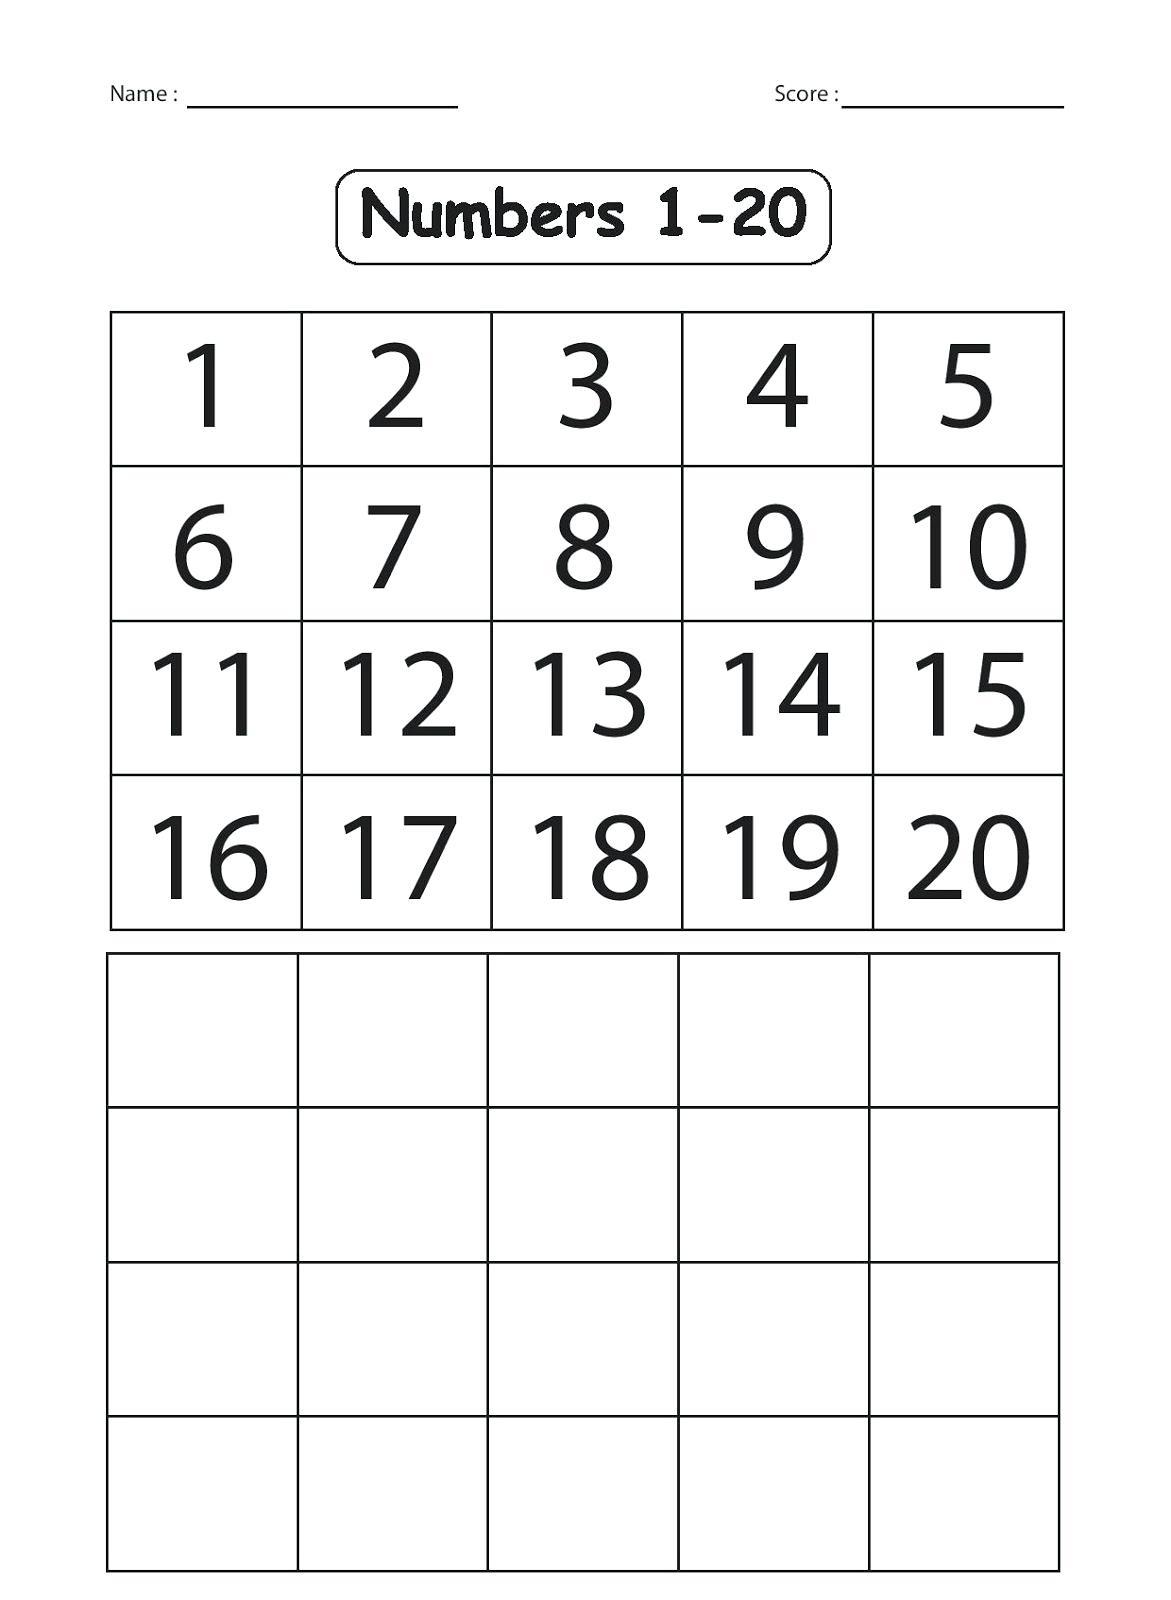 Kindergarten Number Worksheets 1 20 Worksheets Numbers 1 For - Free Printable Numbers 1 20 Worksheets